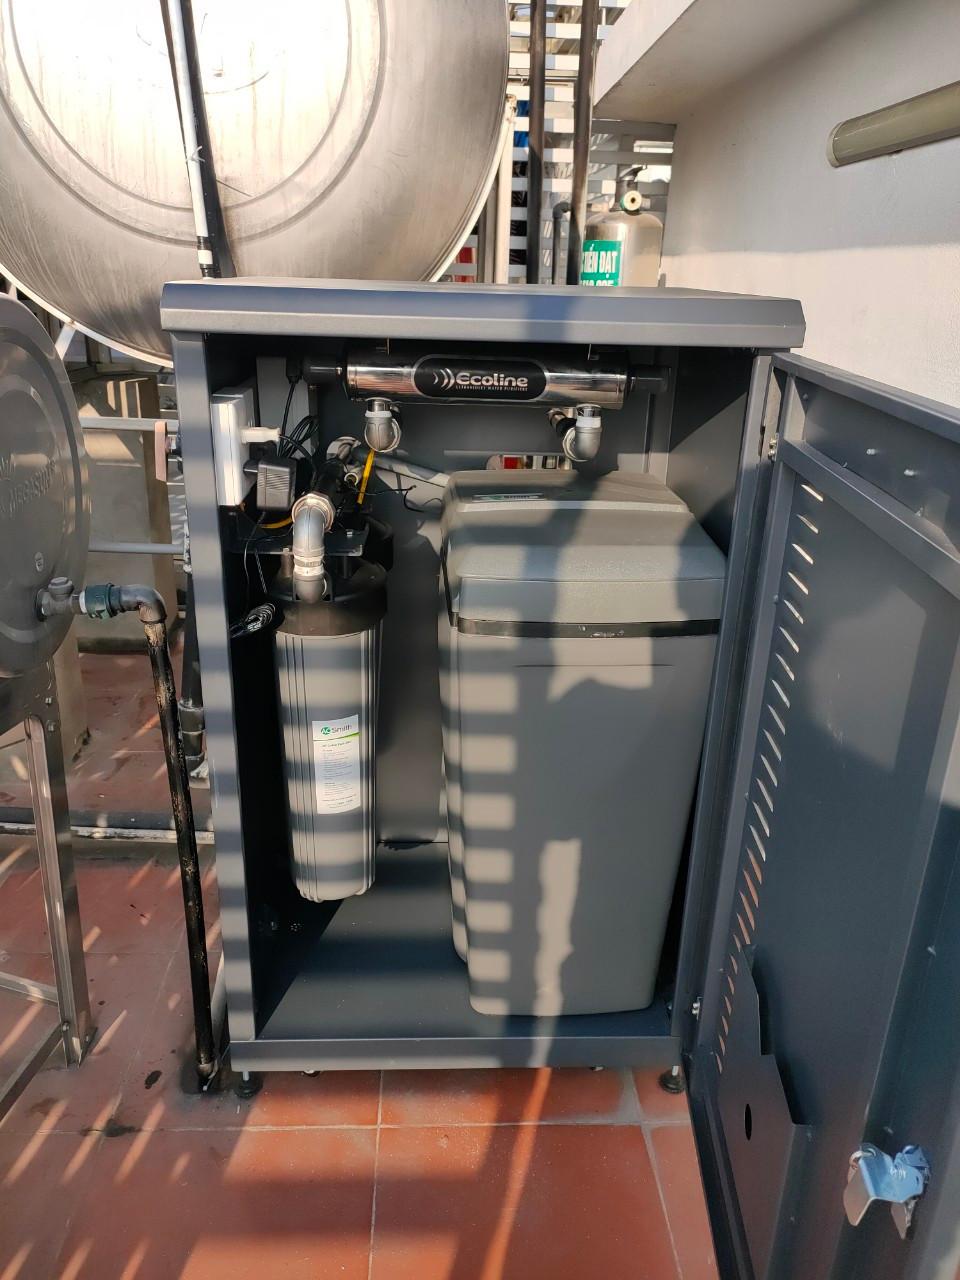 Hệ Thống Lọc Nước Đầu Nguồn A.o. Smith AOS I97s - Hàng chính hãng